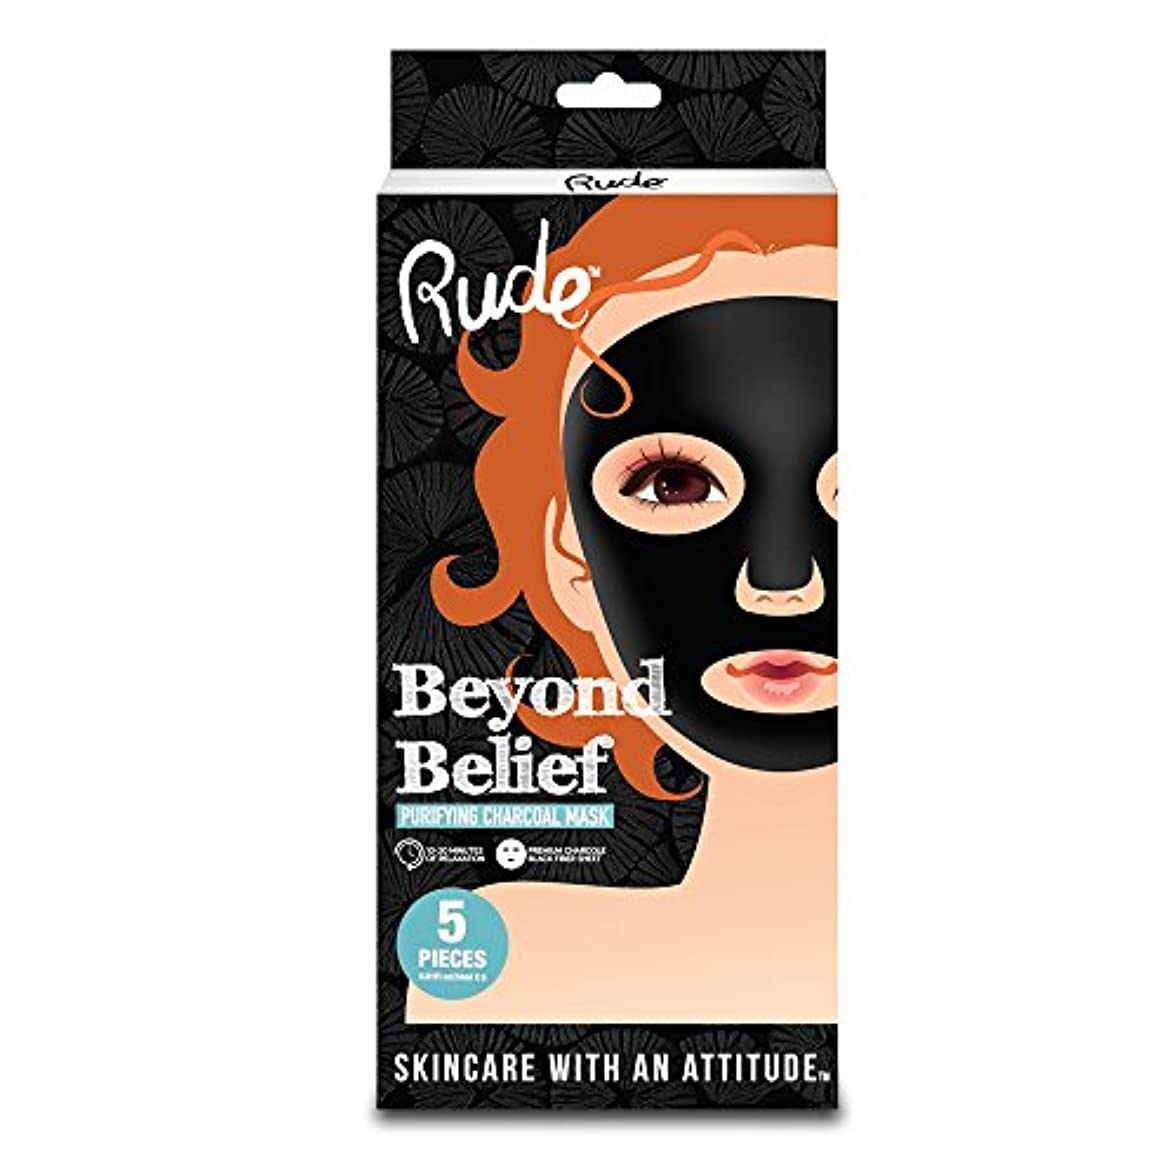 腹くそーバックグラウンドRUDE Beyond Belief Purifying Charcoal Mask 5 Piece Pack (並行輸入品)